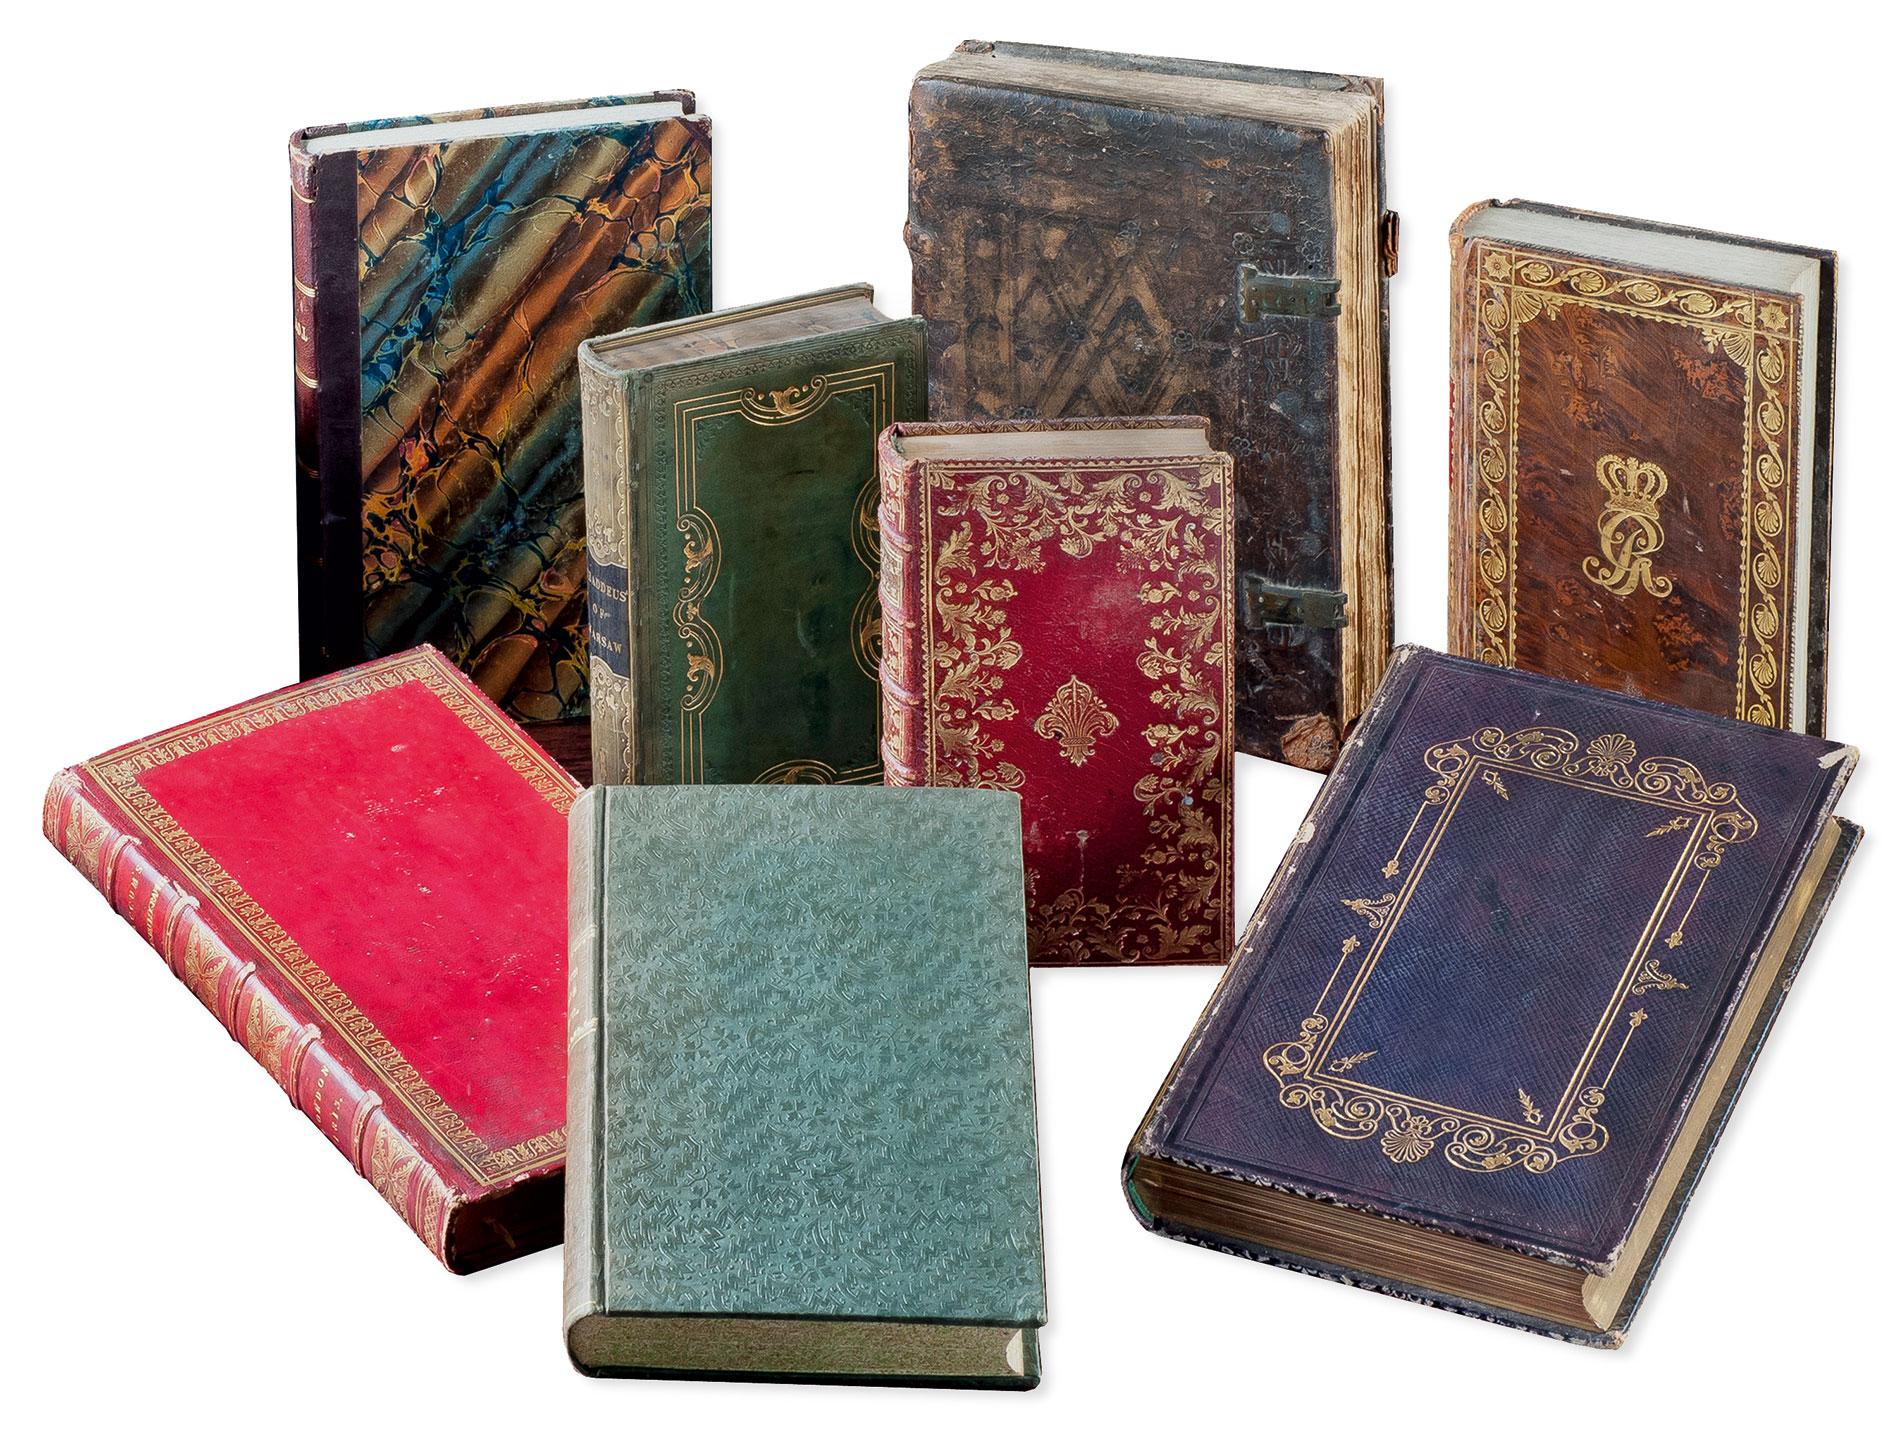 Bände aus der sogenannten Derneburger Bibliothek von Ernst Friedrich Herbert Graf zu Münster und seiner Frau Wilhelmine Charlotte; Gottfried Wilhelm Leibniz Bibliothek, Hannover